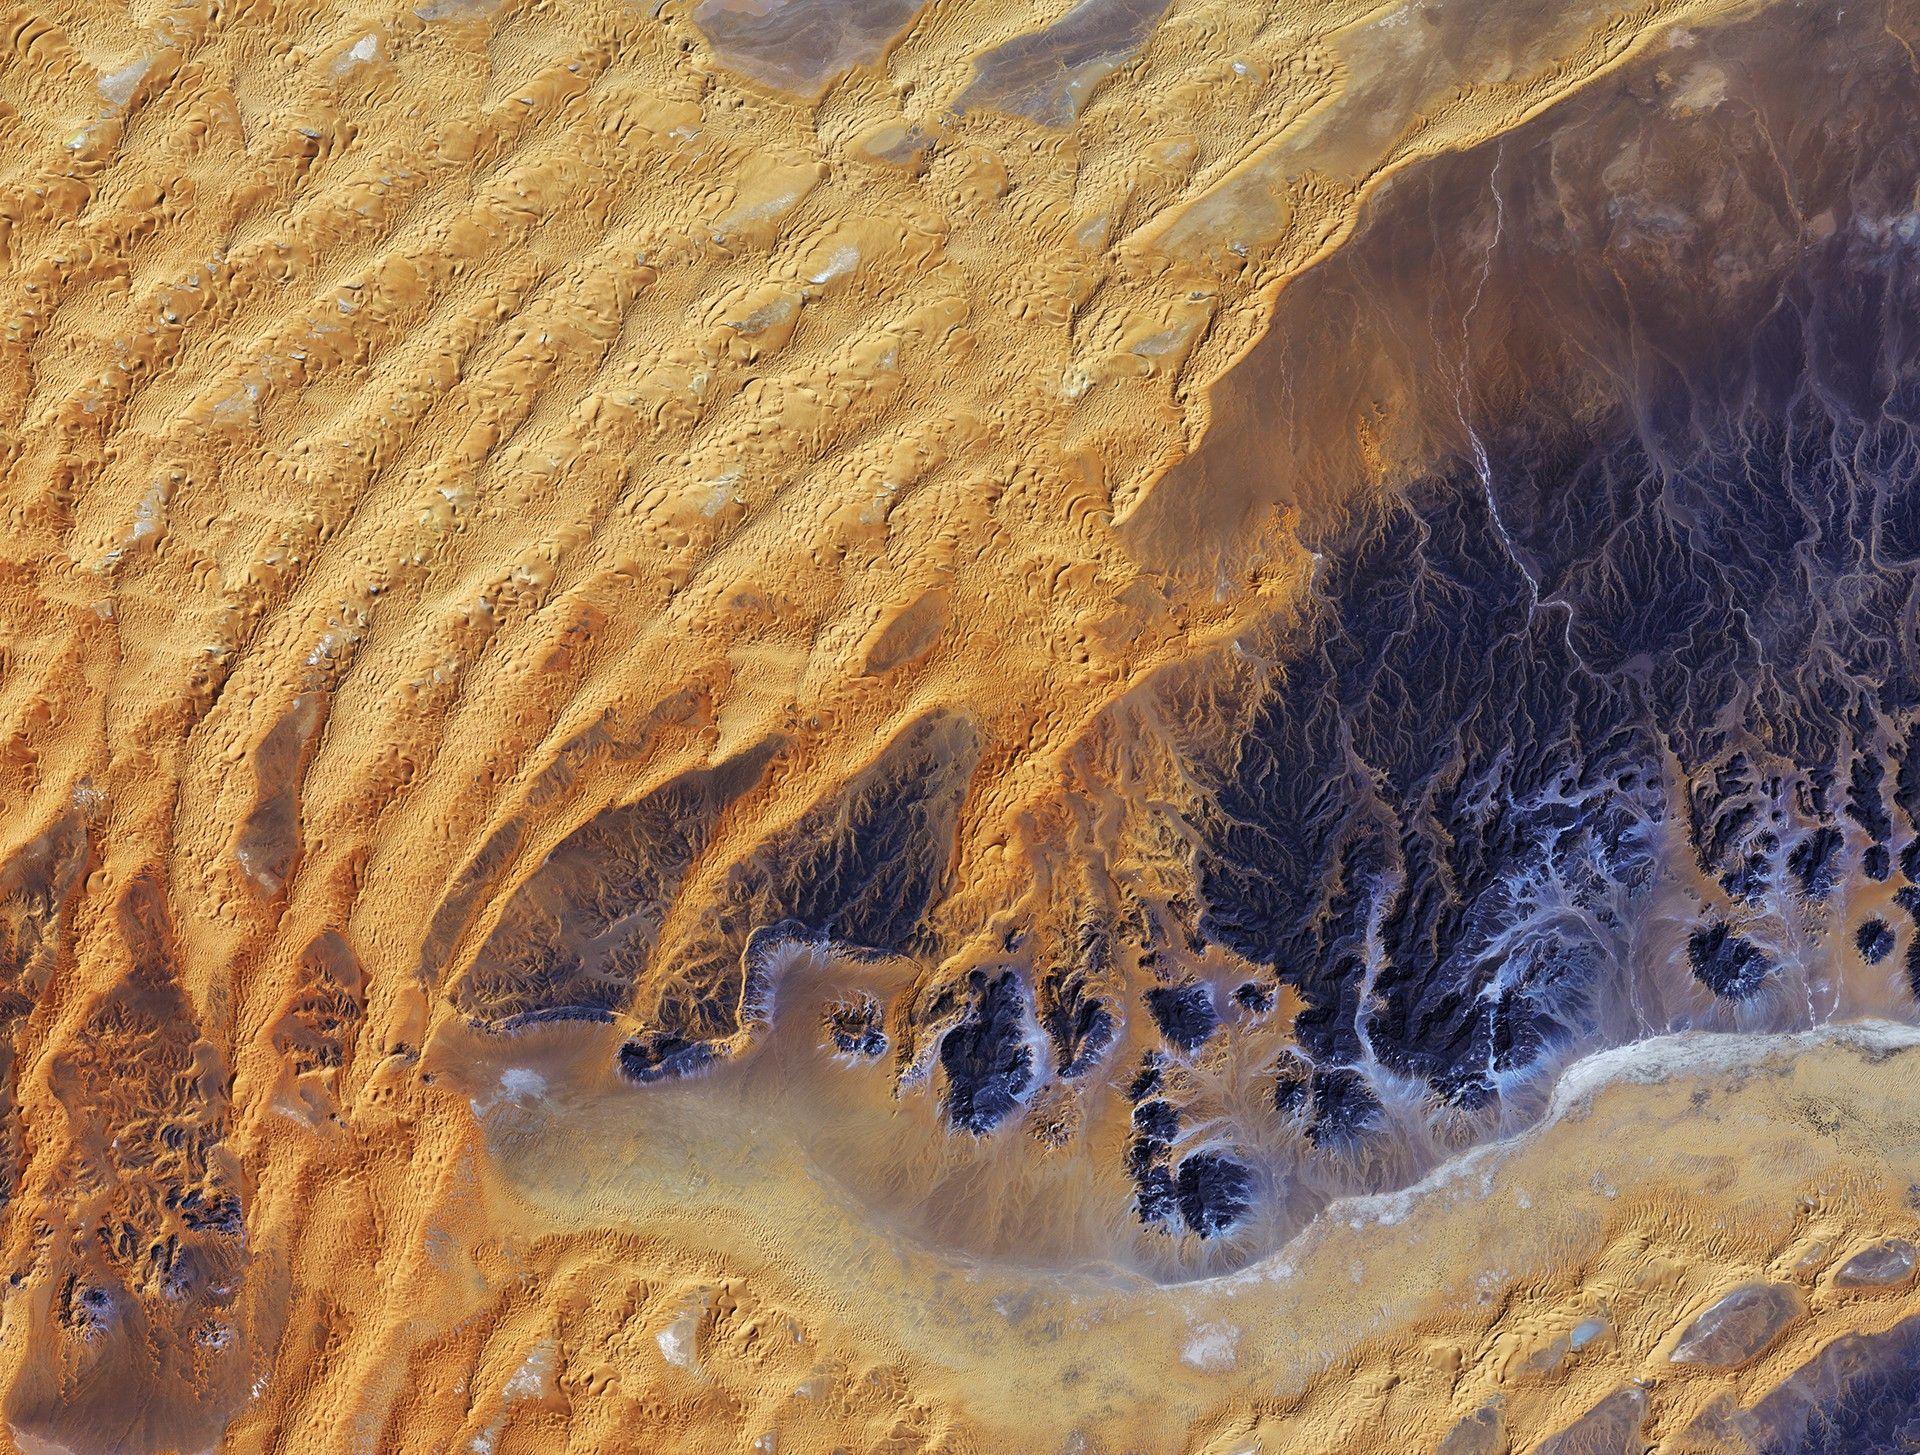 Veja imagens incríveis do deserto do Saara captadas por um satélite